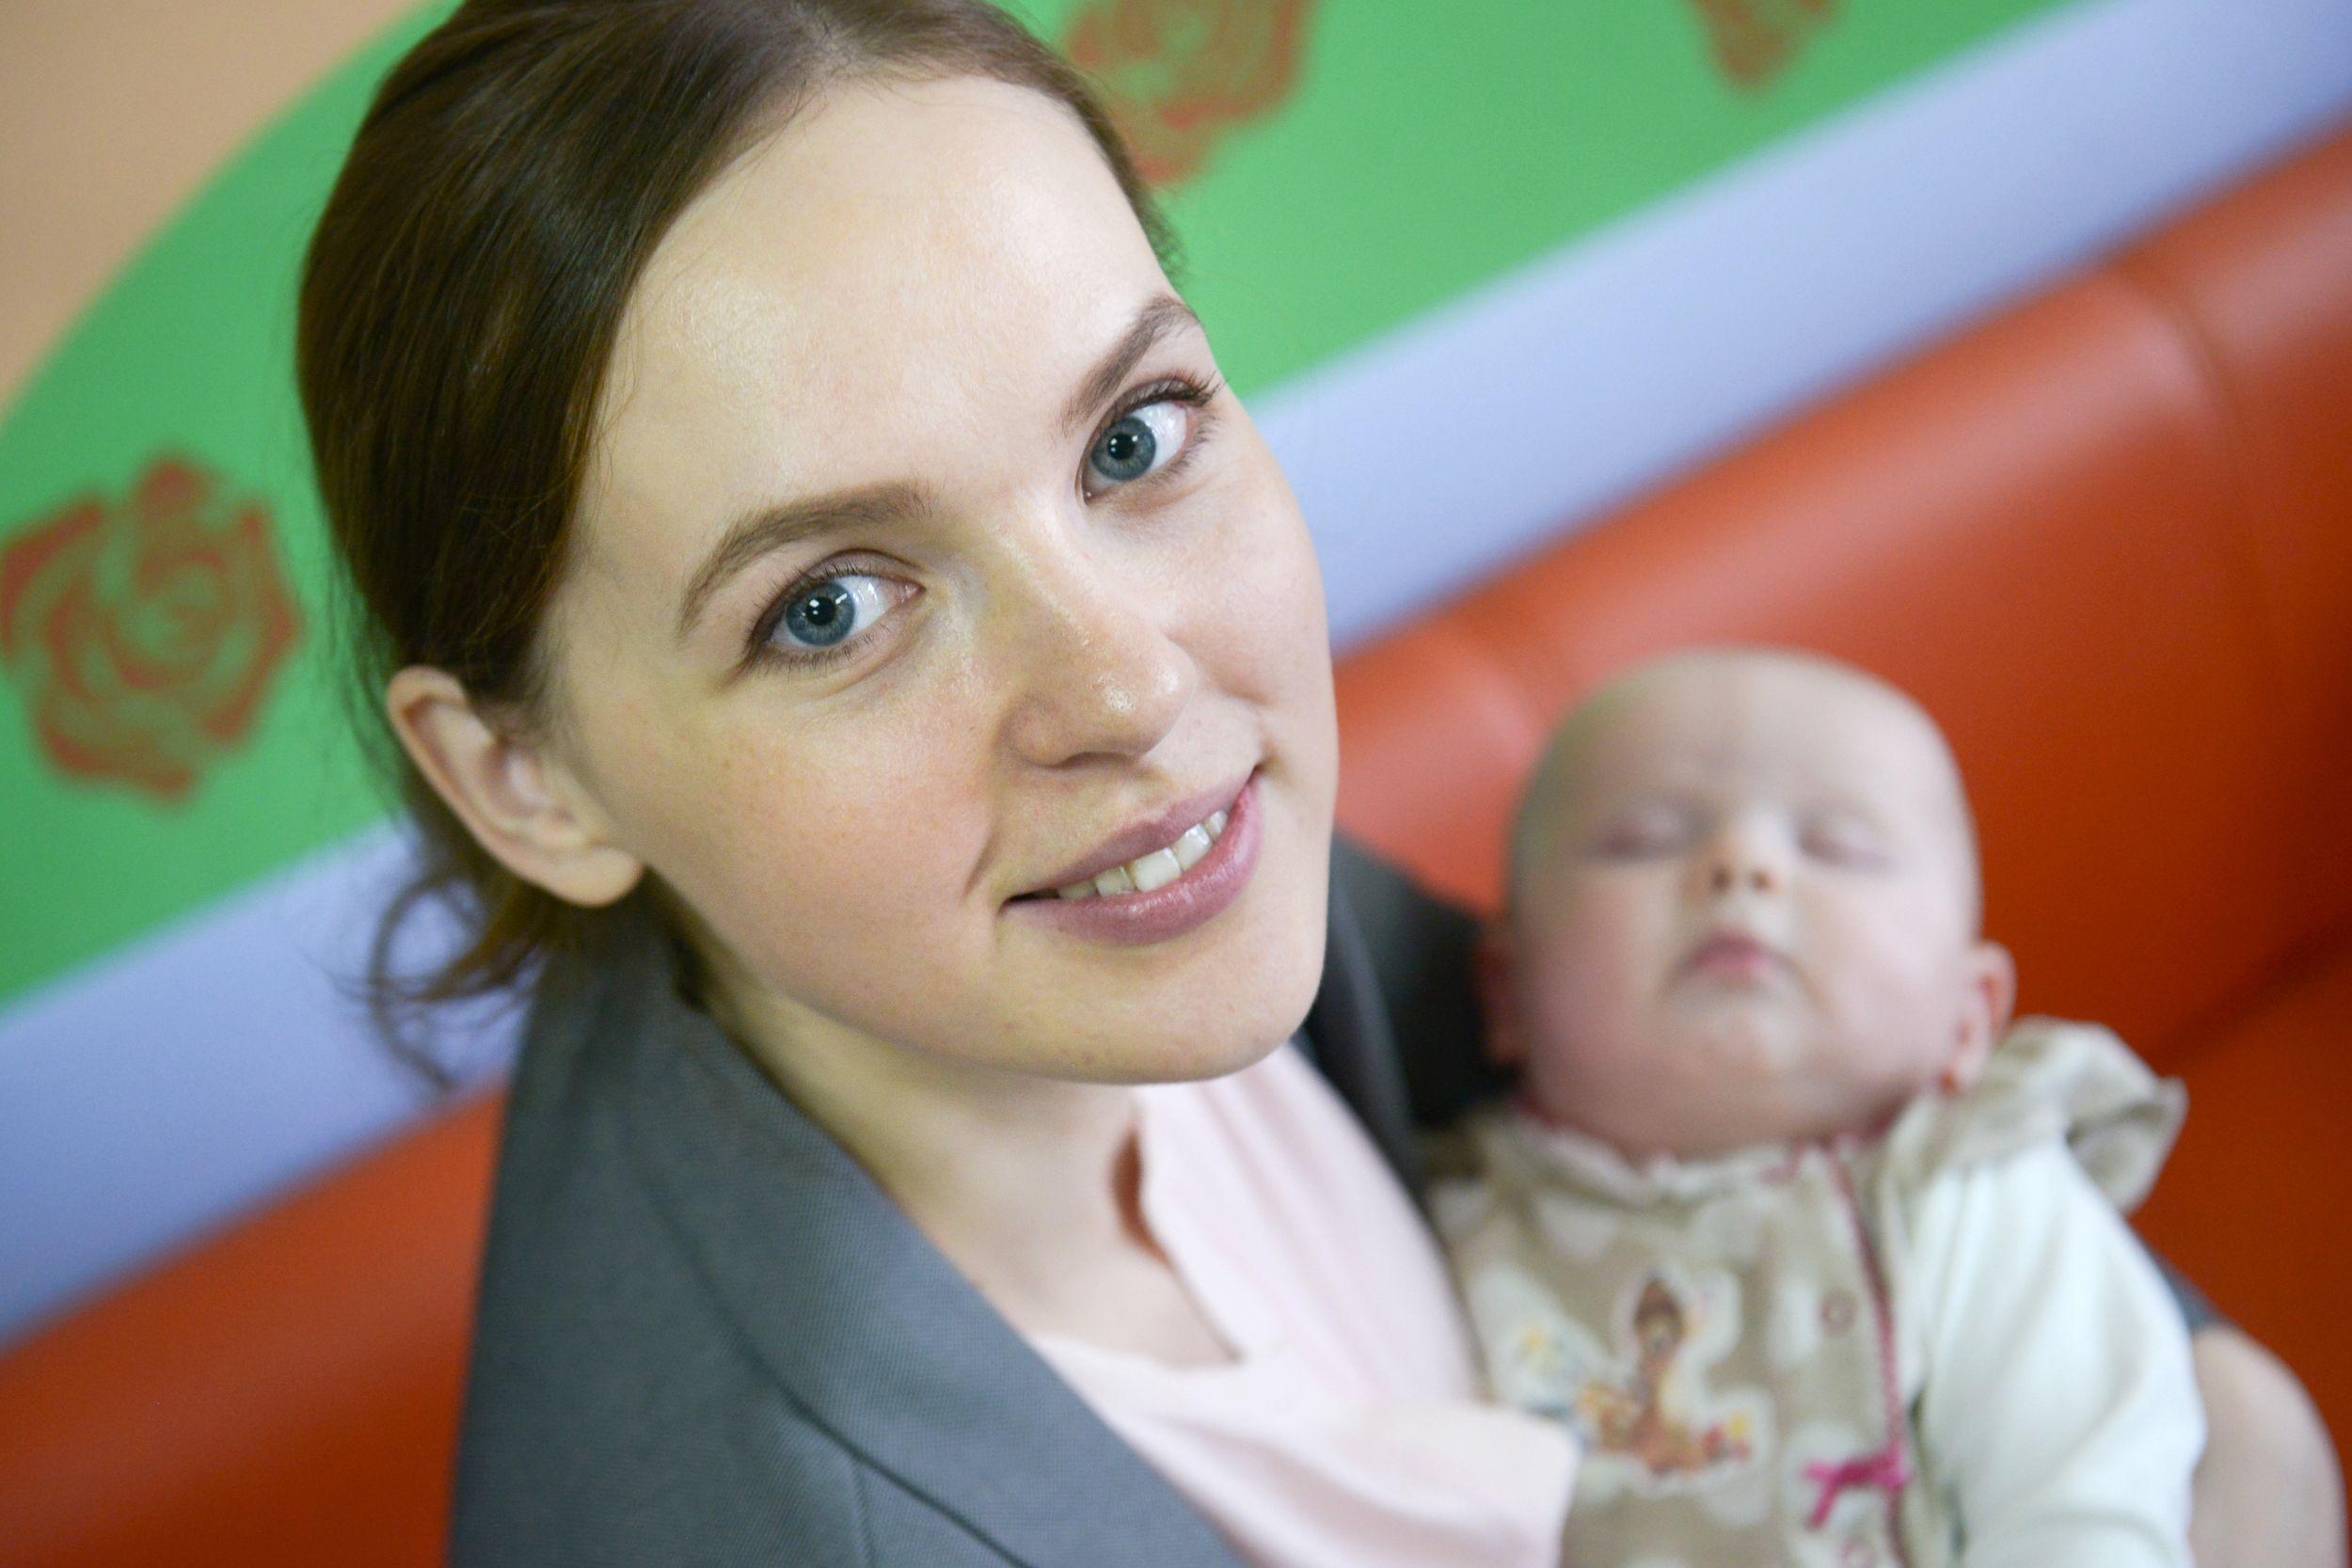 Москвички обретут эмоциональное равновесие после родов. Фото: Наталья Феоктистова